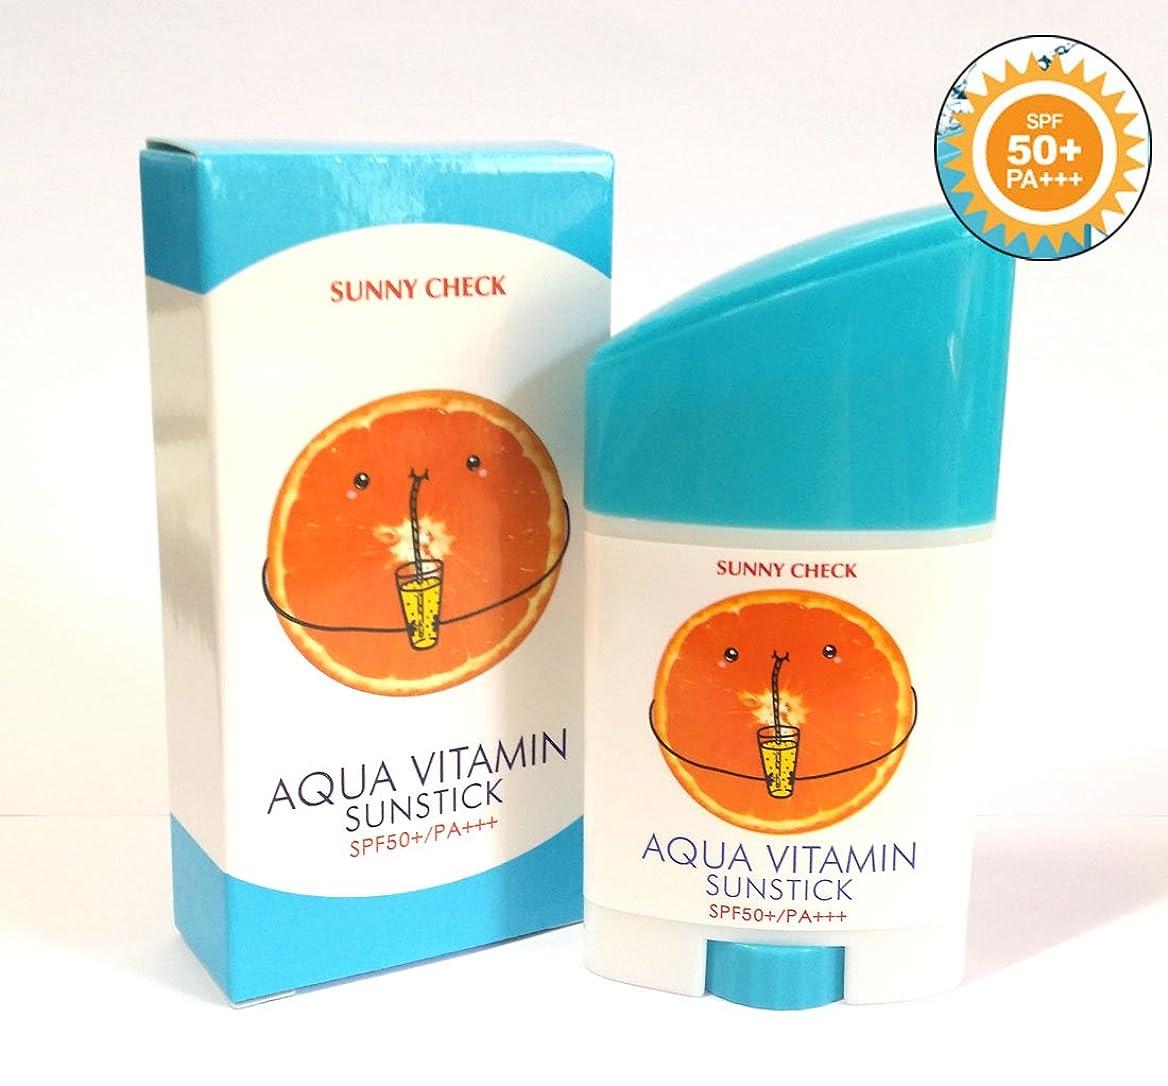 授業料管理するパスタ[Sunny Check] アクアビタミンサンスティックSPF50 + PA +++ 26g(0.9oz)/UVプロテクション/韓国化粧品/Aqua Vitamin Sun Stick SPF50+ PA+++ 26g(0.9oz)/UV protection/Korean Cosmetics (2EA) [並行輸入品]